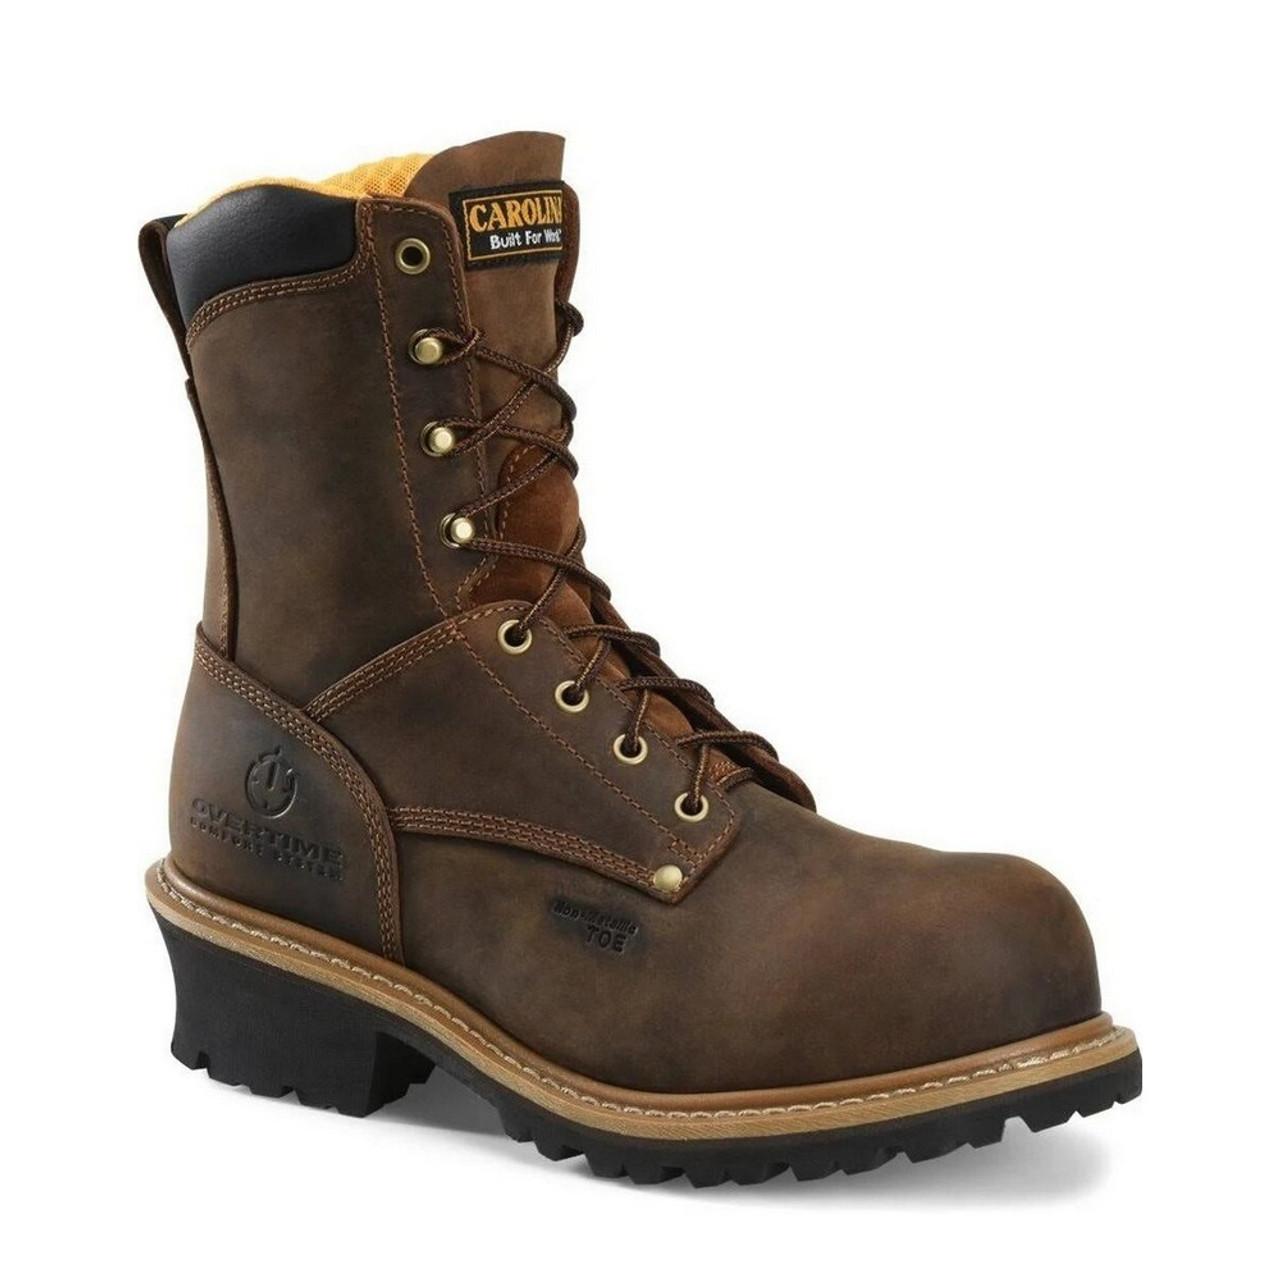 Men's Composite Toe Lineman/Logger Boots